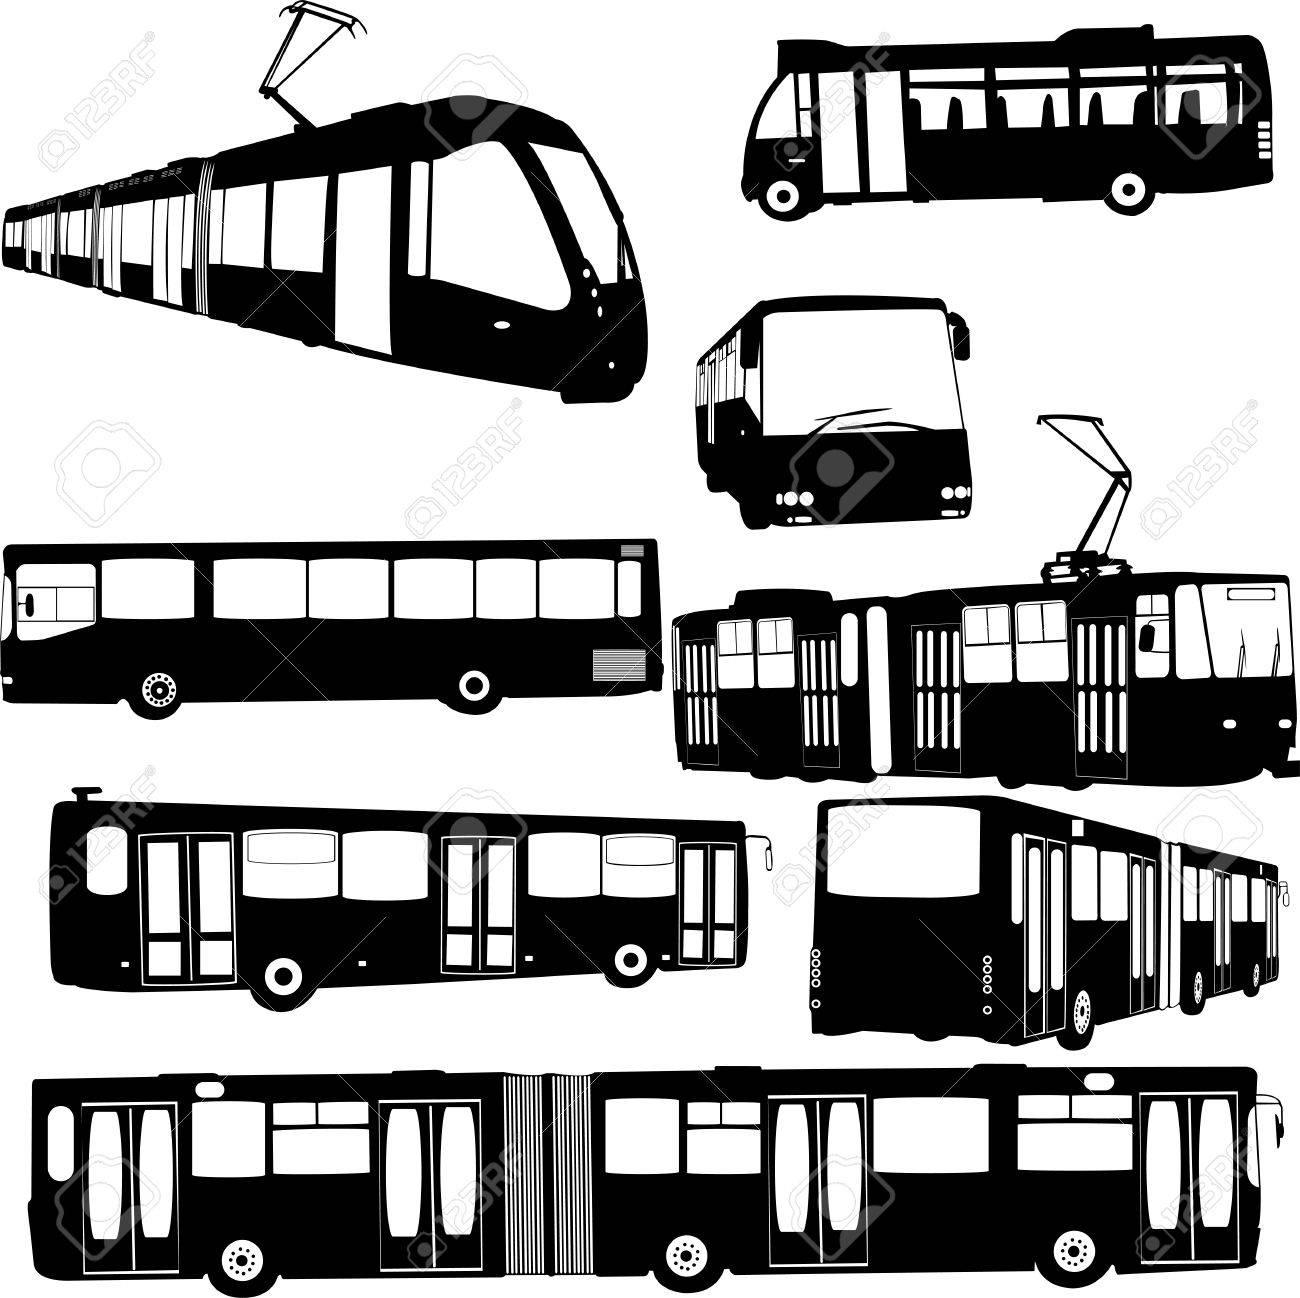 urban transportation collection - vector Stock Vector - 17458645